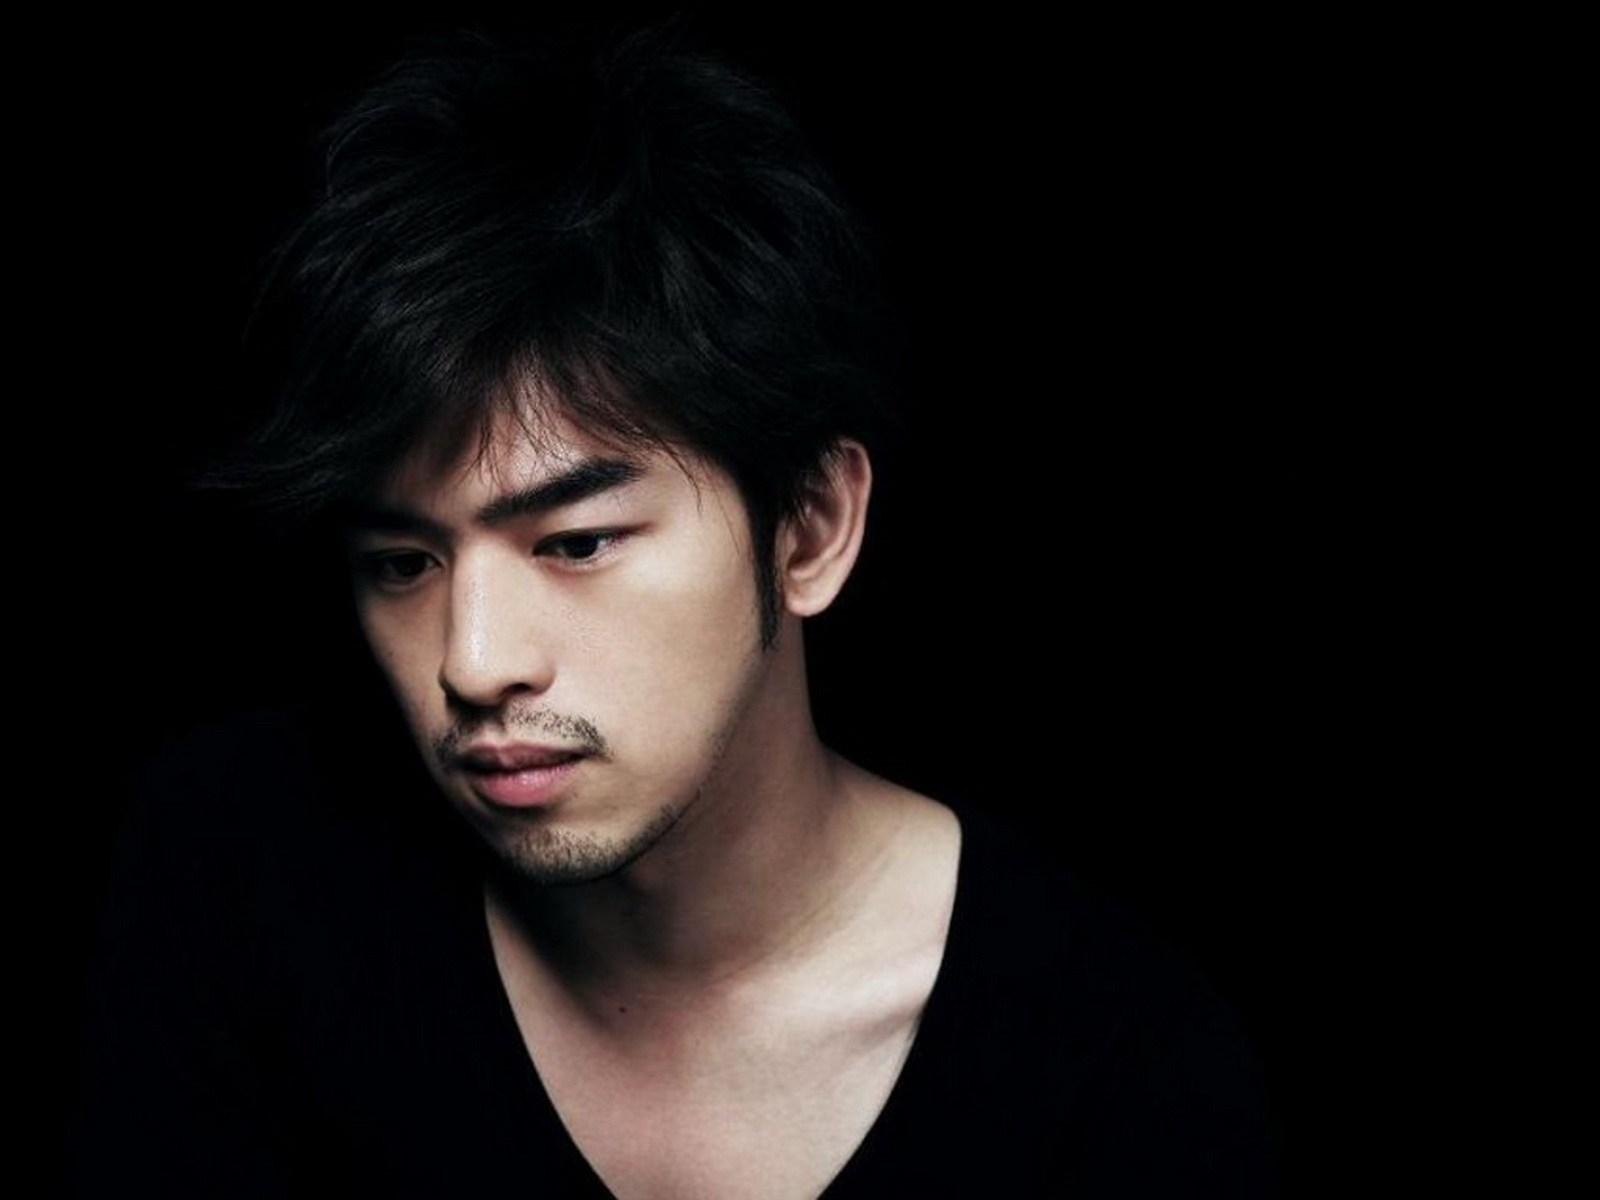 日本最帅的_你怎么看 日本最帅的高中生